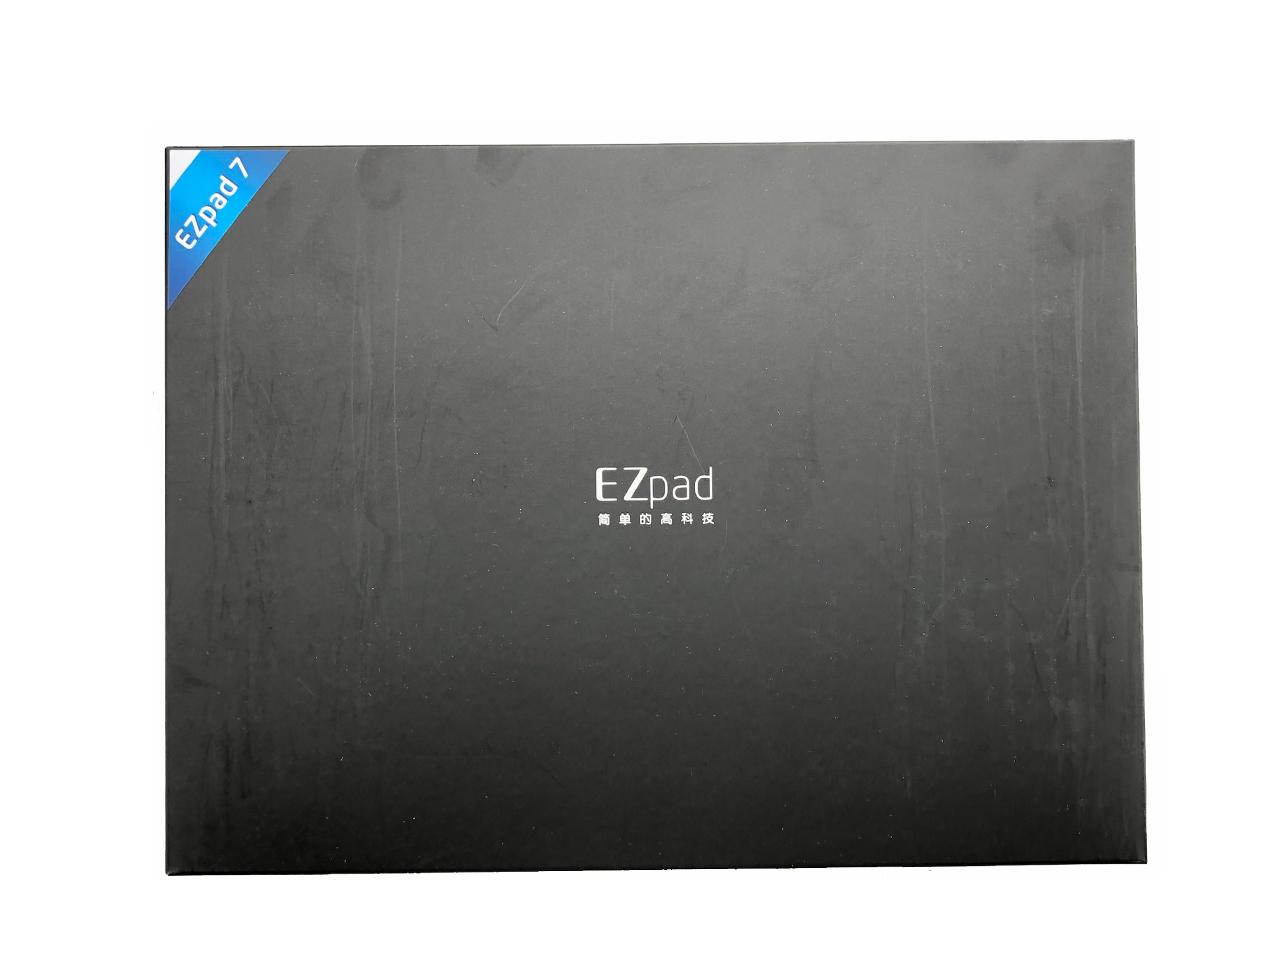 中柏Ezpad 7 平板电脑 开箱+皮套键盘 简单评测